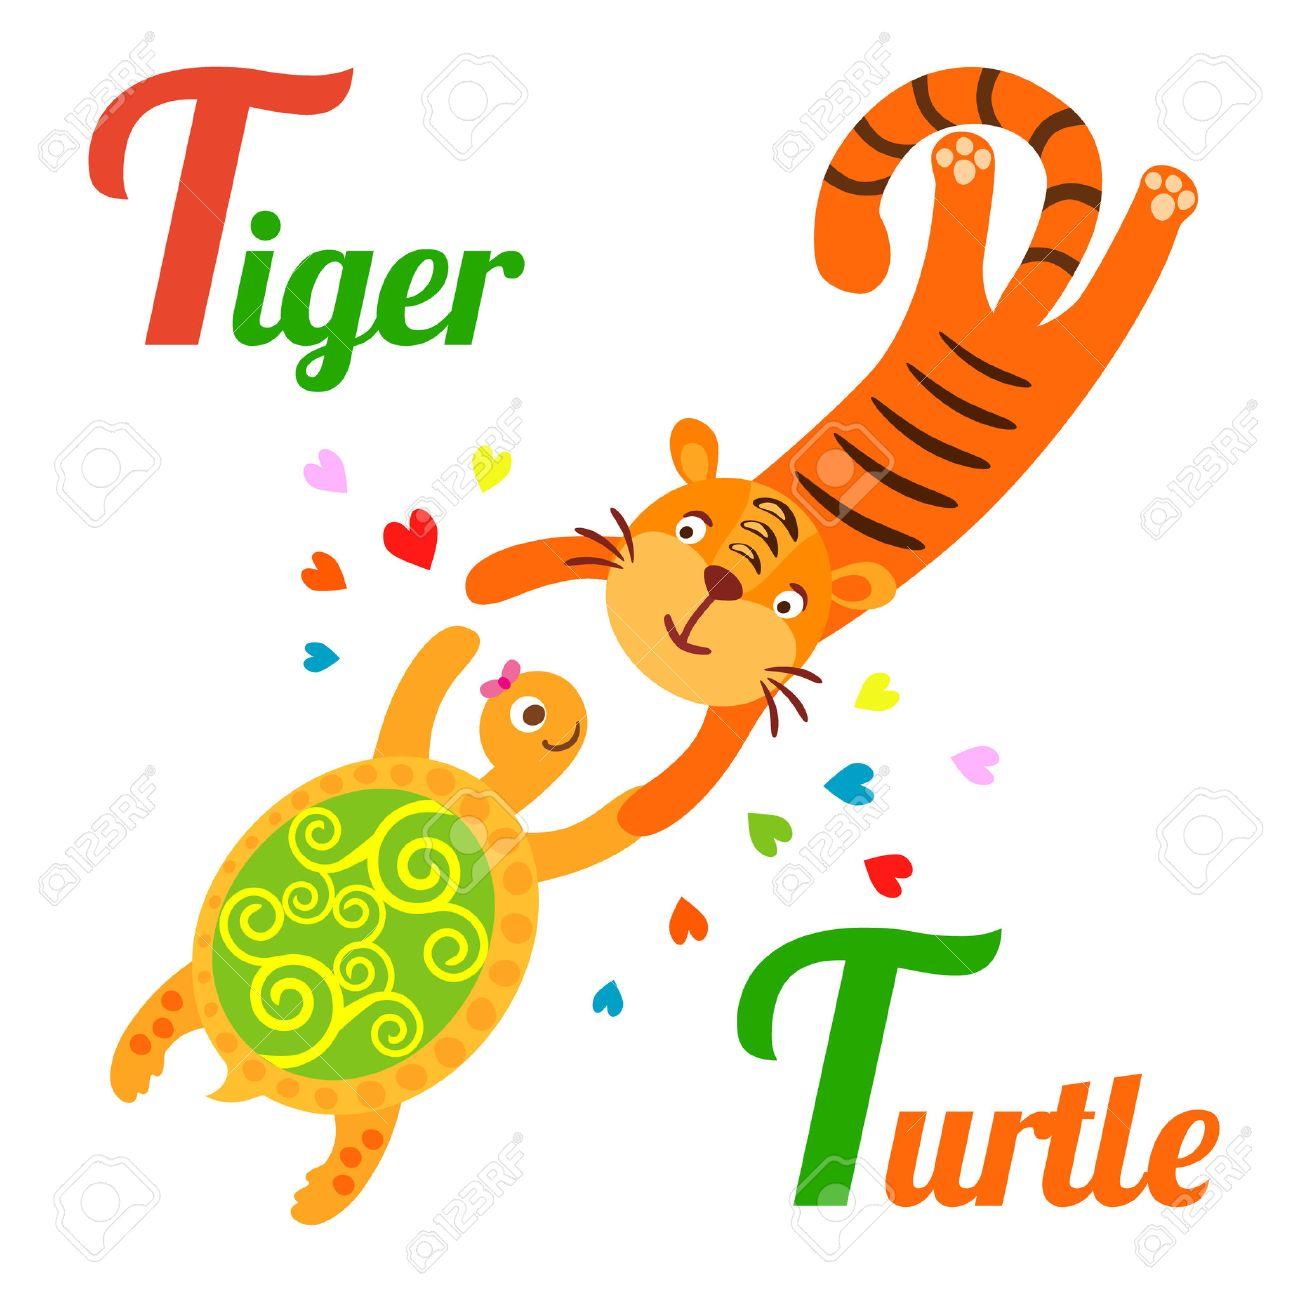 かわいい動物アルファベット abc 本。ベクトル漫画虎と亀のイラスト。虎